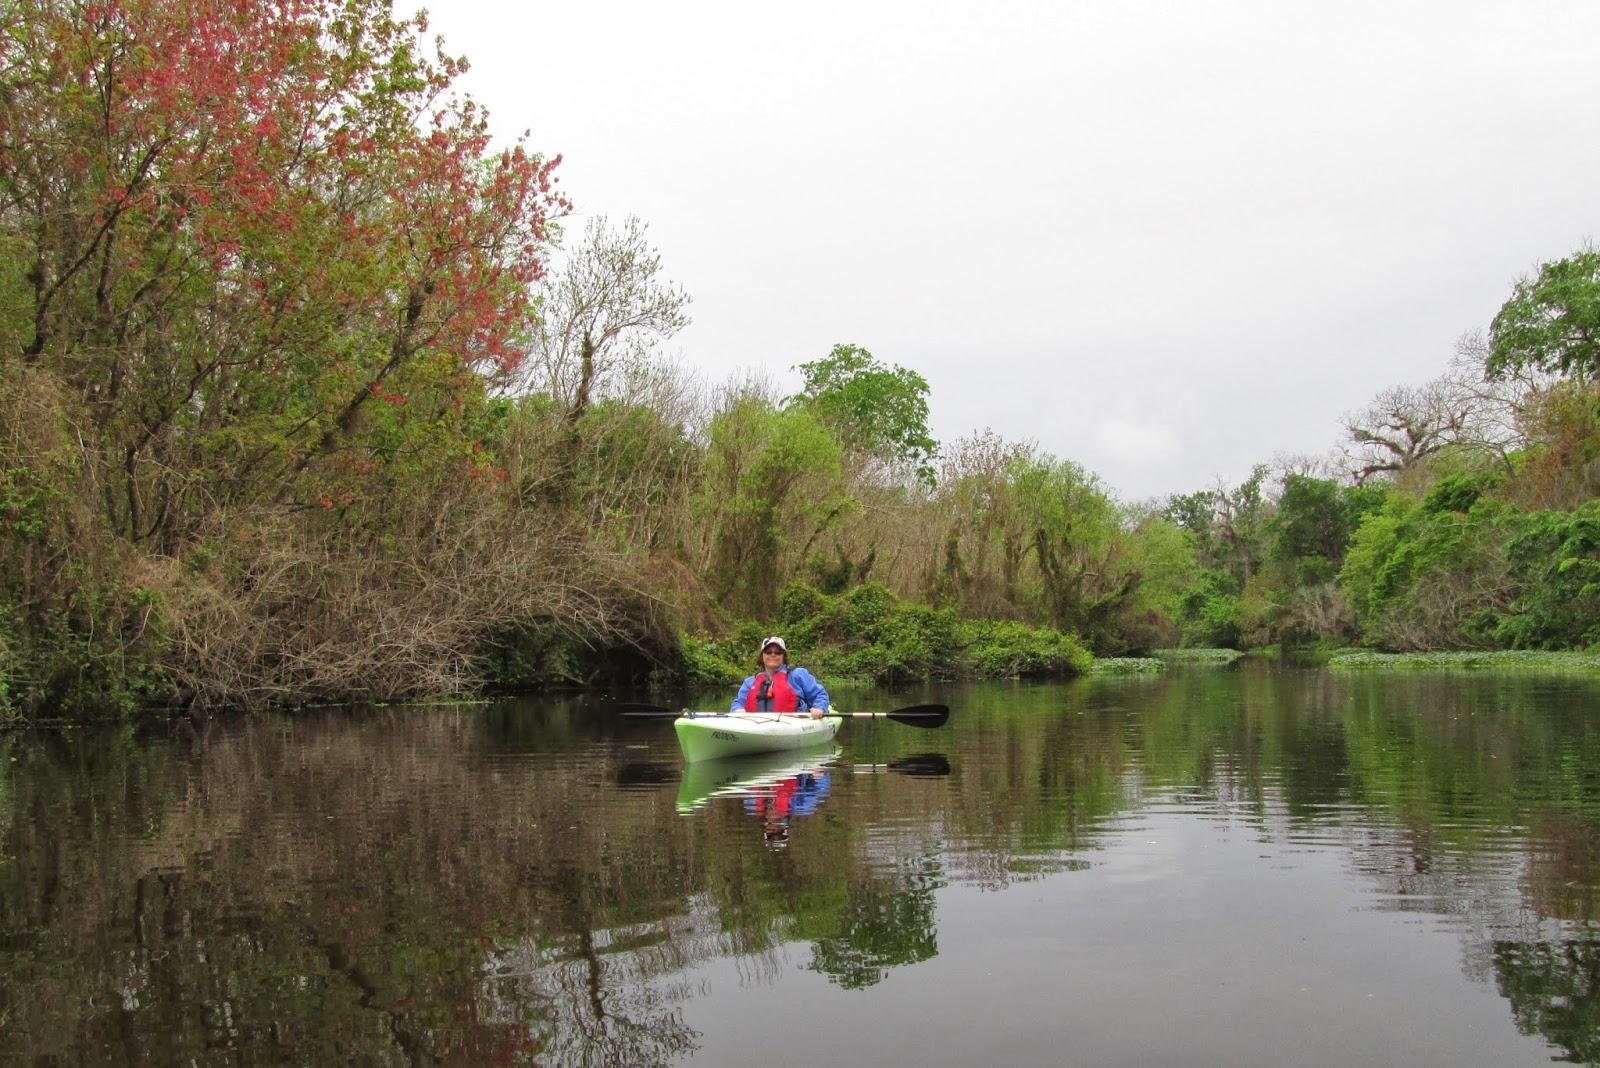 Kayak Tours Ocala Fl